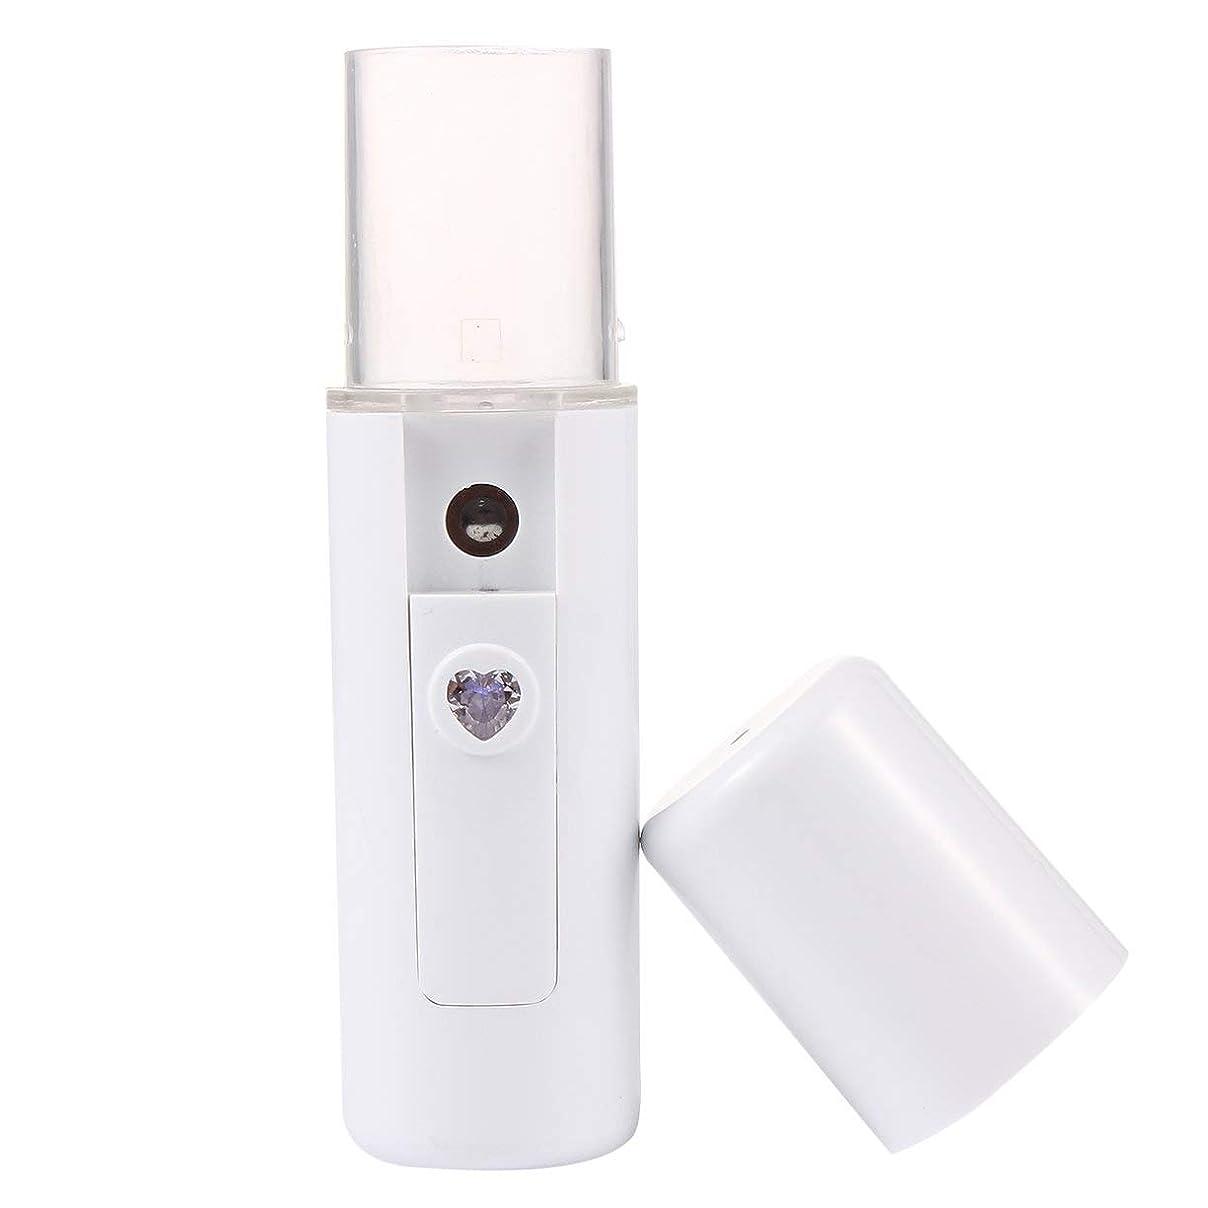 凍る注ぎます子L3 USB充電式ウォータースプレーポータブルフェイシャルモイスチャライジング美容機器フェイシャルスプレーマシン蒸し装置 - ホワイト